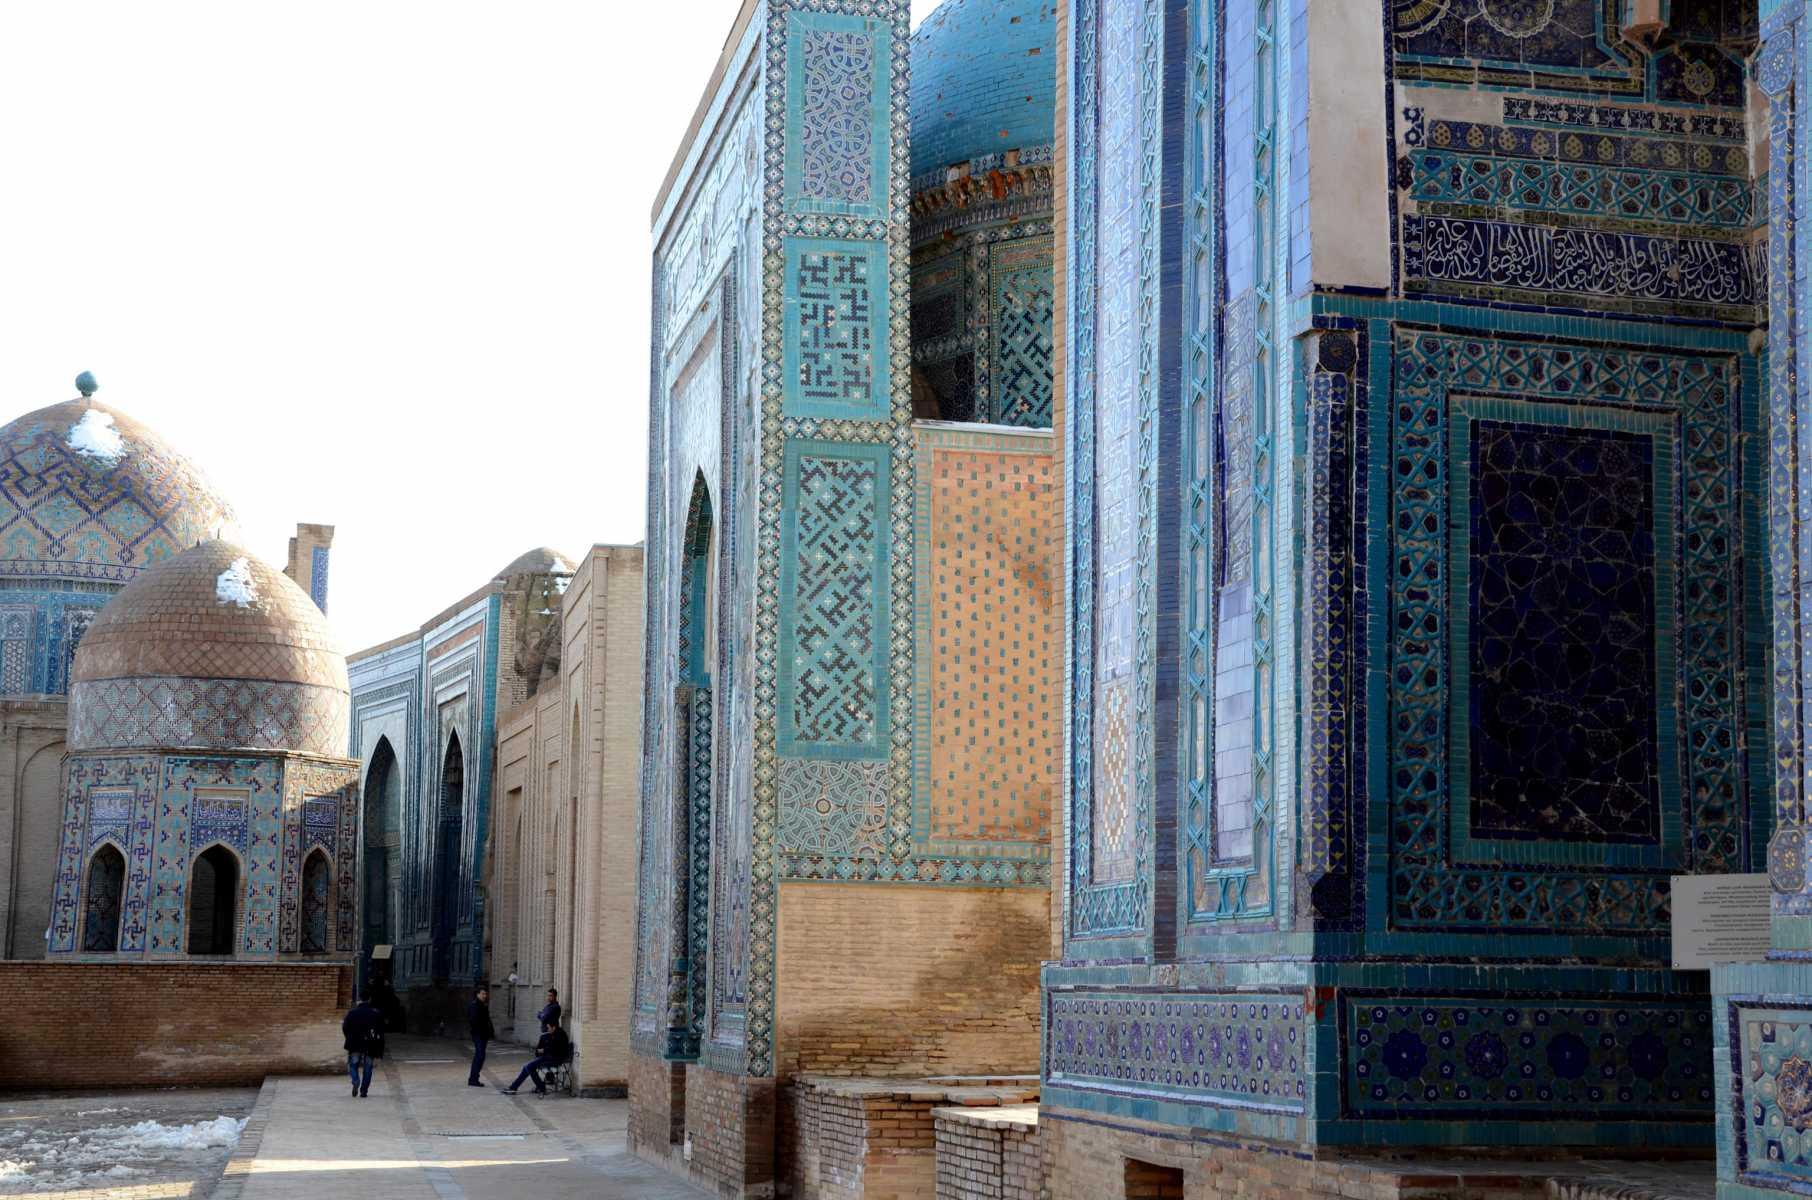 Ouzbekistan - Mausolées et mosaïques au cimetière Chahi-Zinda (XIIIe siècle) de Samarcande